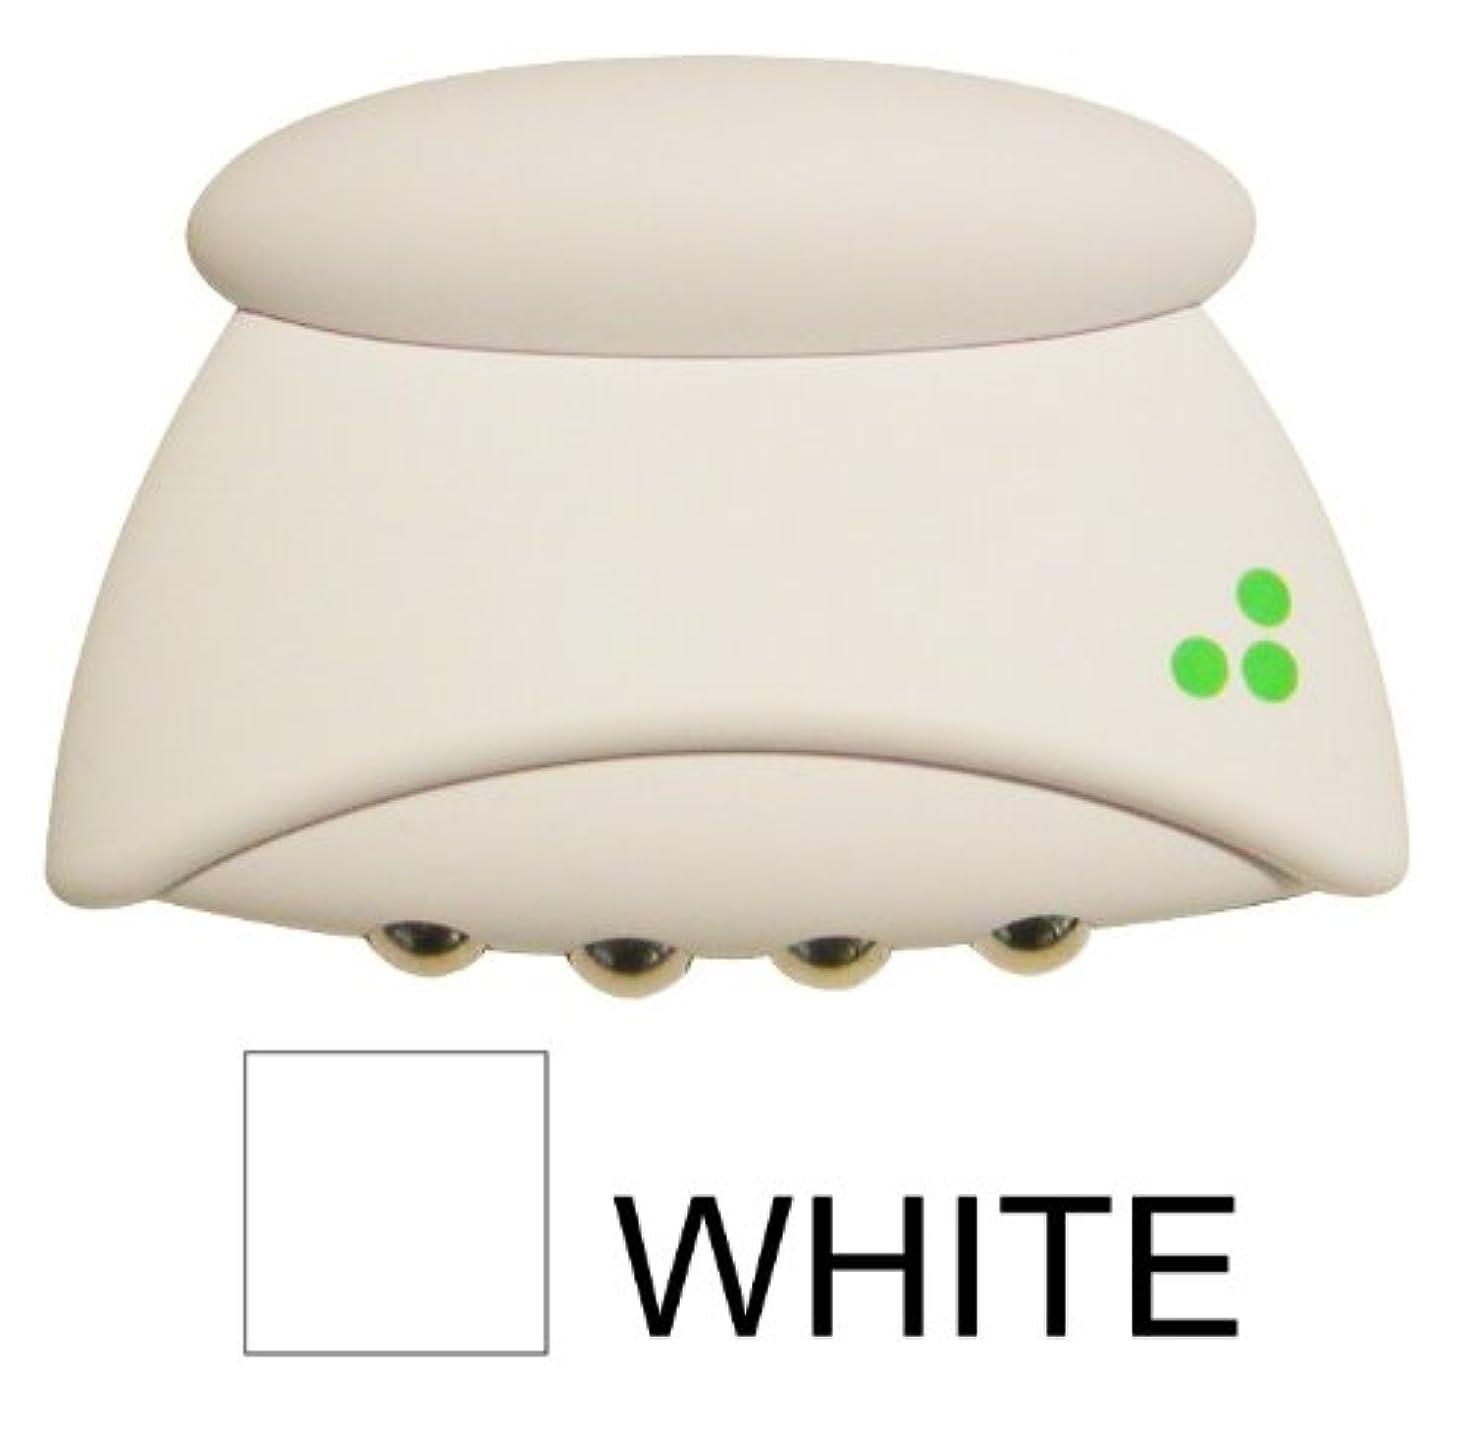 表示アレルギー性交シェルブル(shell-bulu)CLV-165(WH)ホワイト